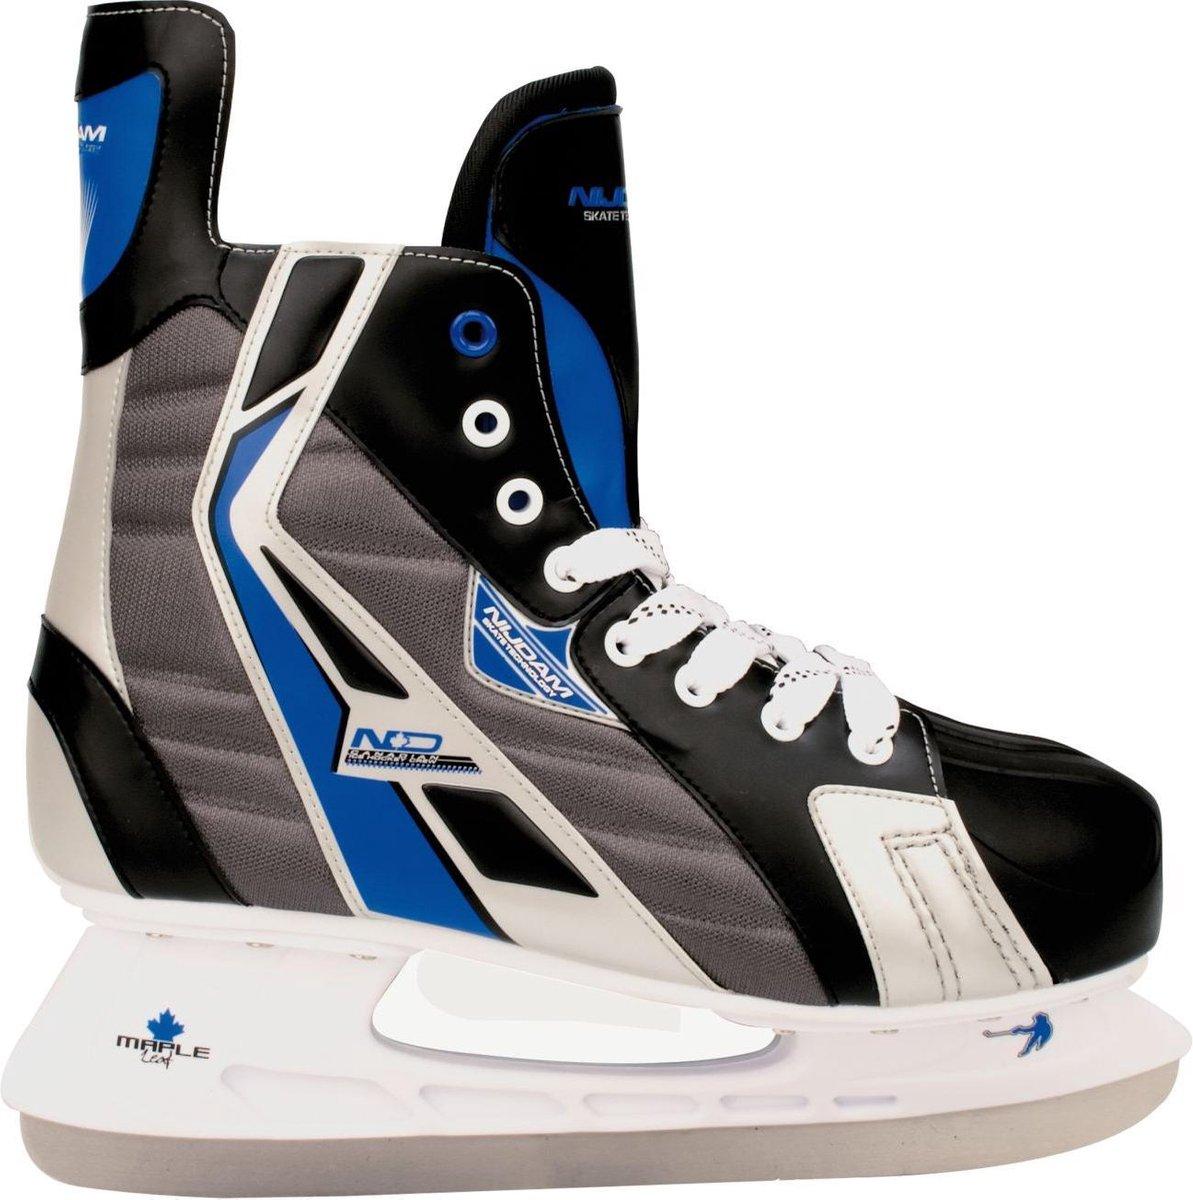 Nijdam IJshockeyschaats Polyester - Deluxe - Zwart/Blauw/Zilver - 40